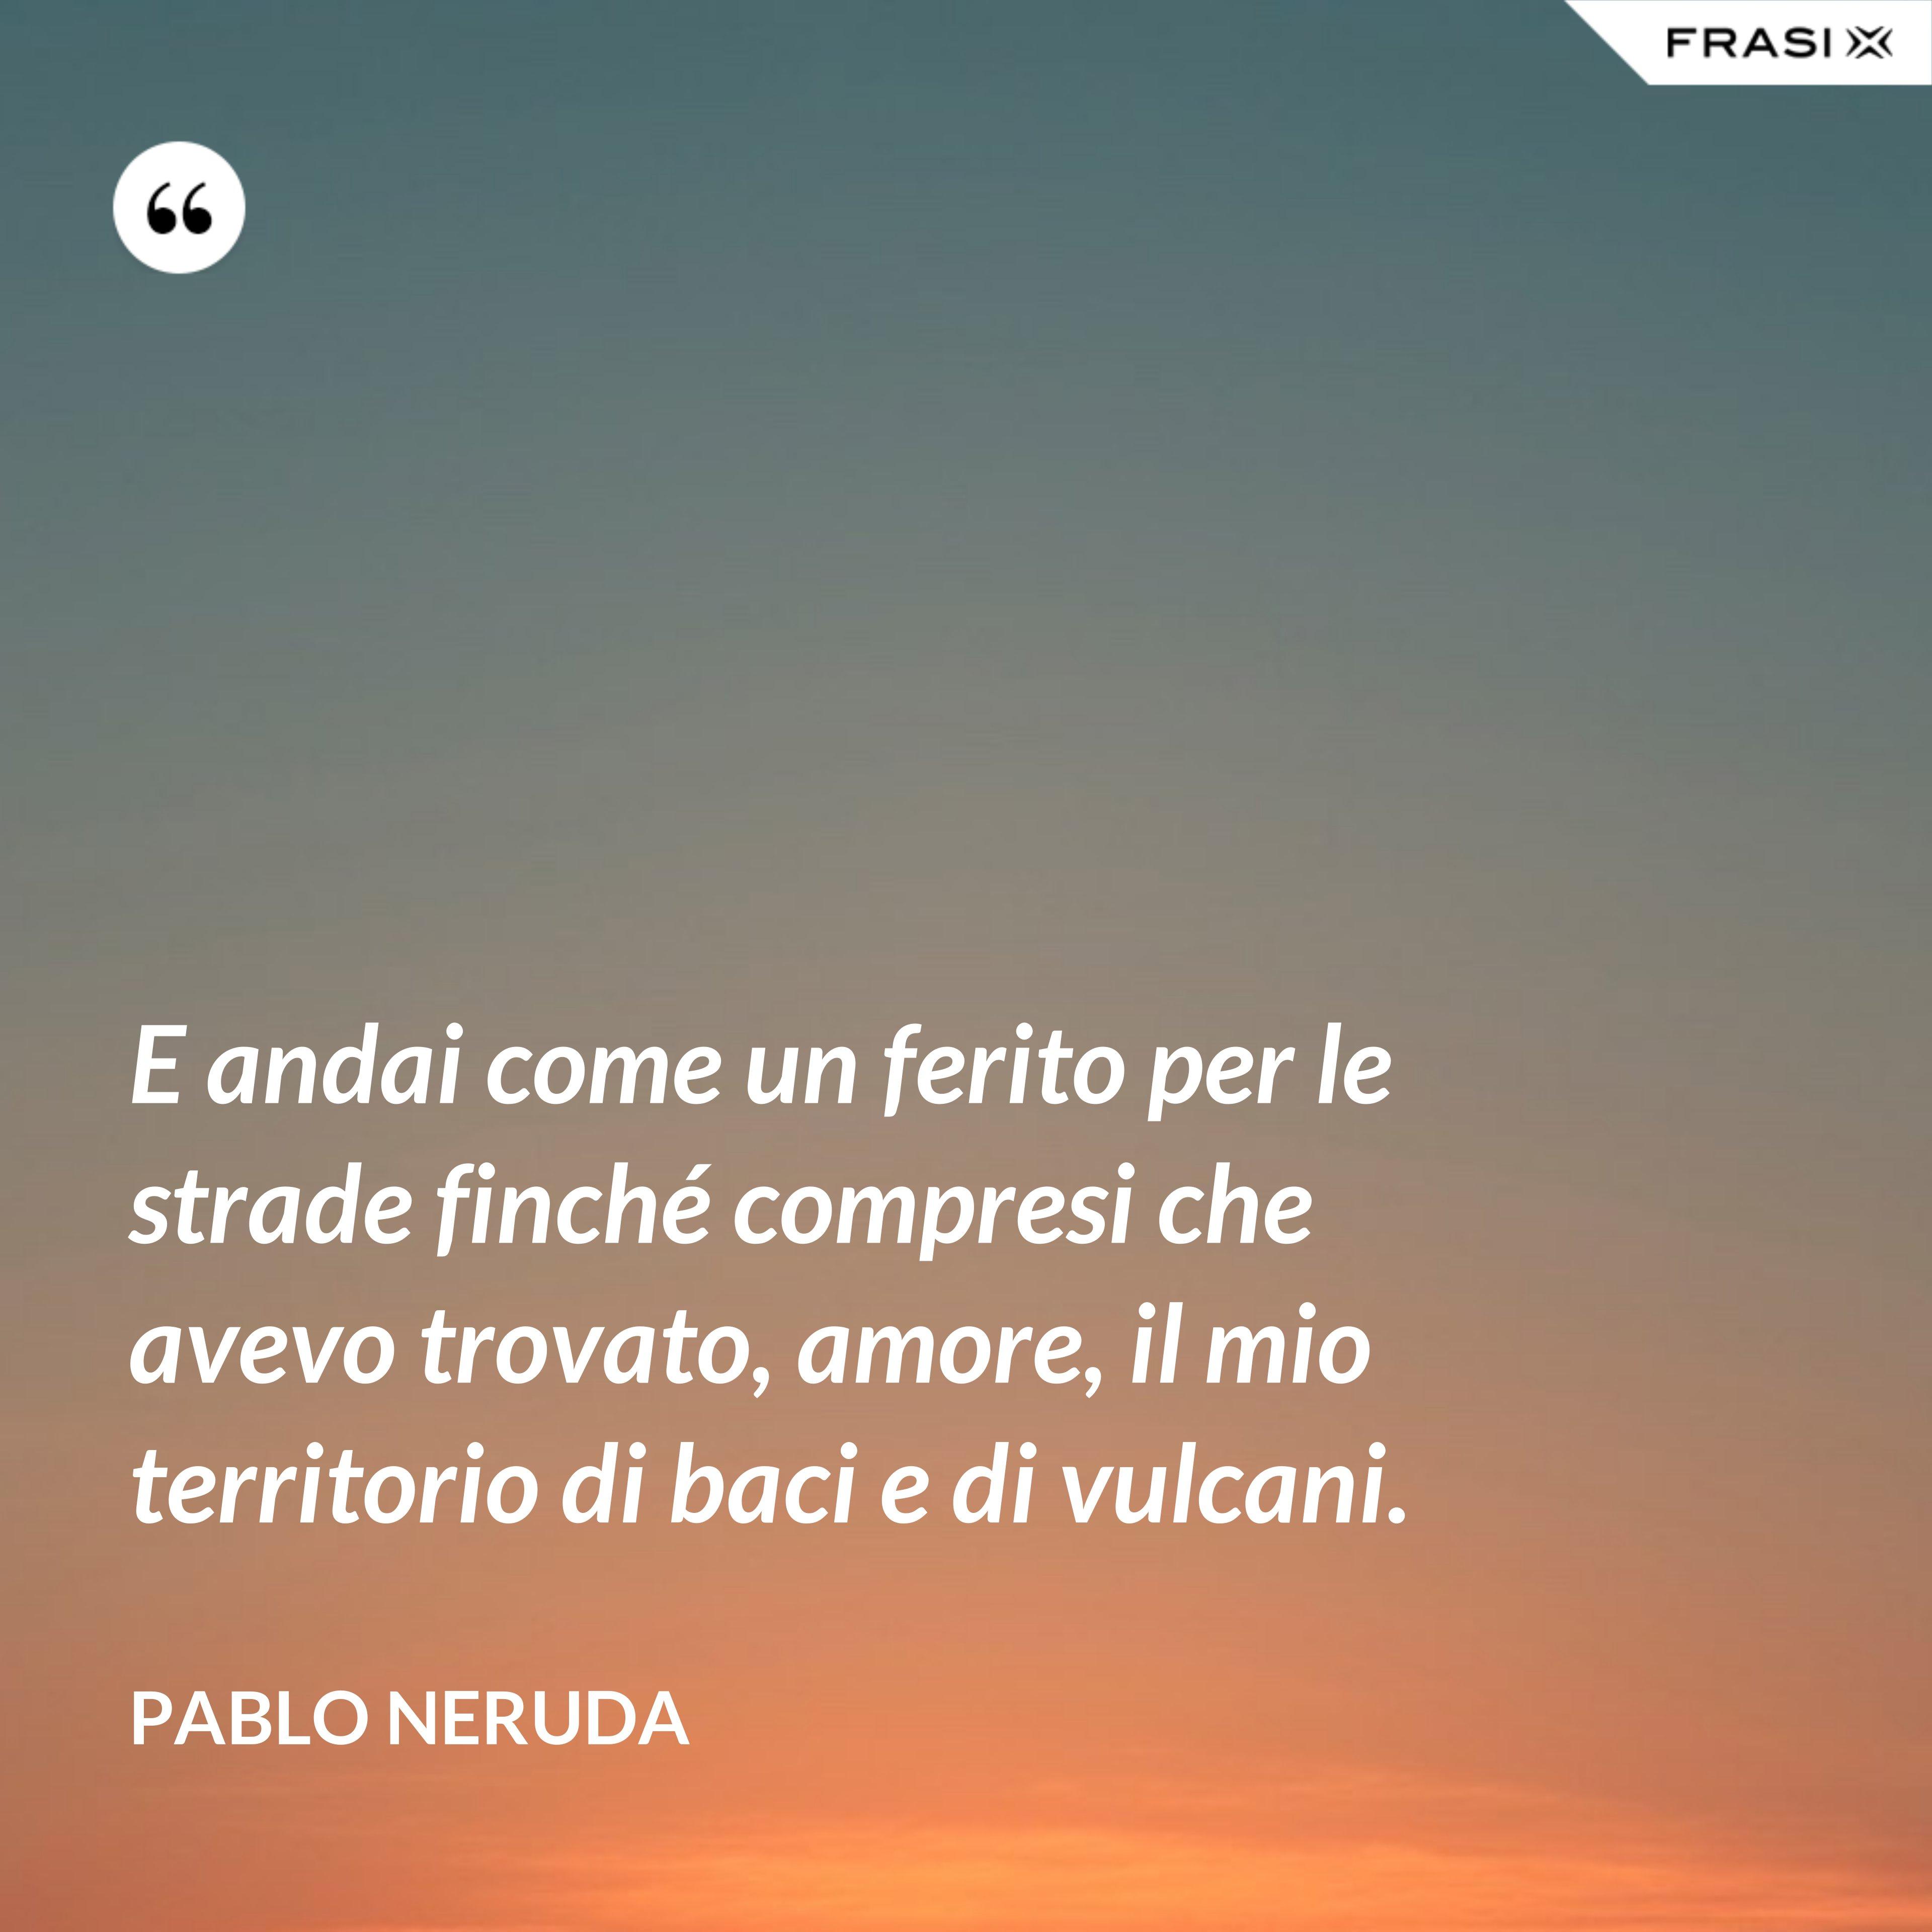 E andai come un ferito per le strade finché compresi che avevo trovato, amore, il mio territorio di baci e di vulcani. - Pablo Neruda